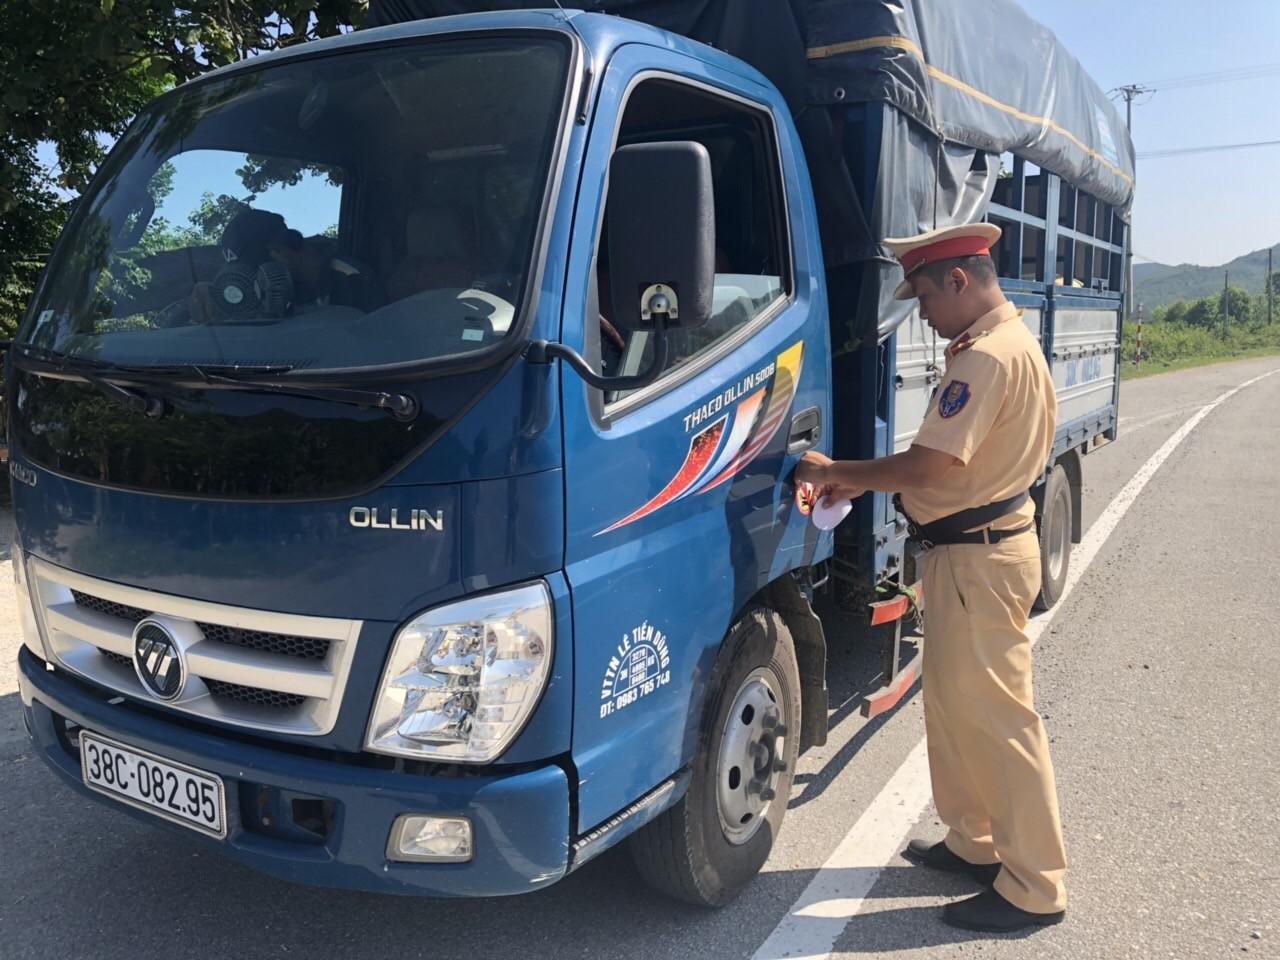 Dán logo xe ô tô tải là thực hiện đúng pháp luật